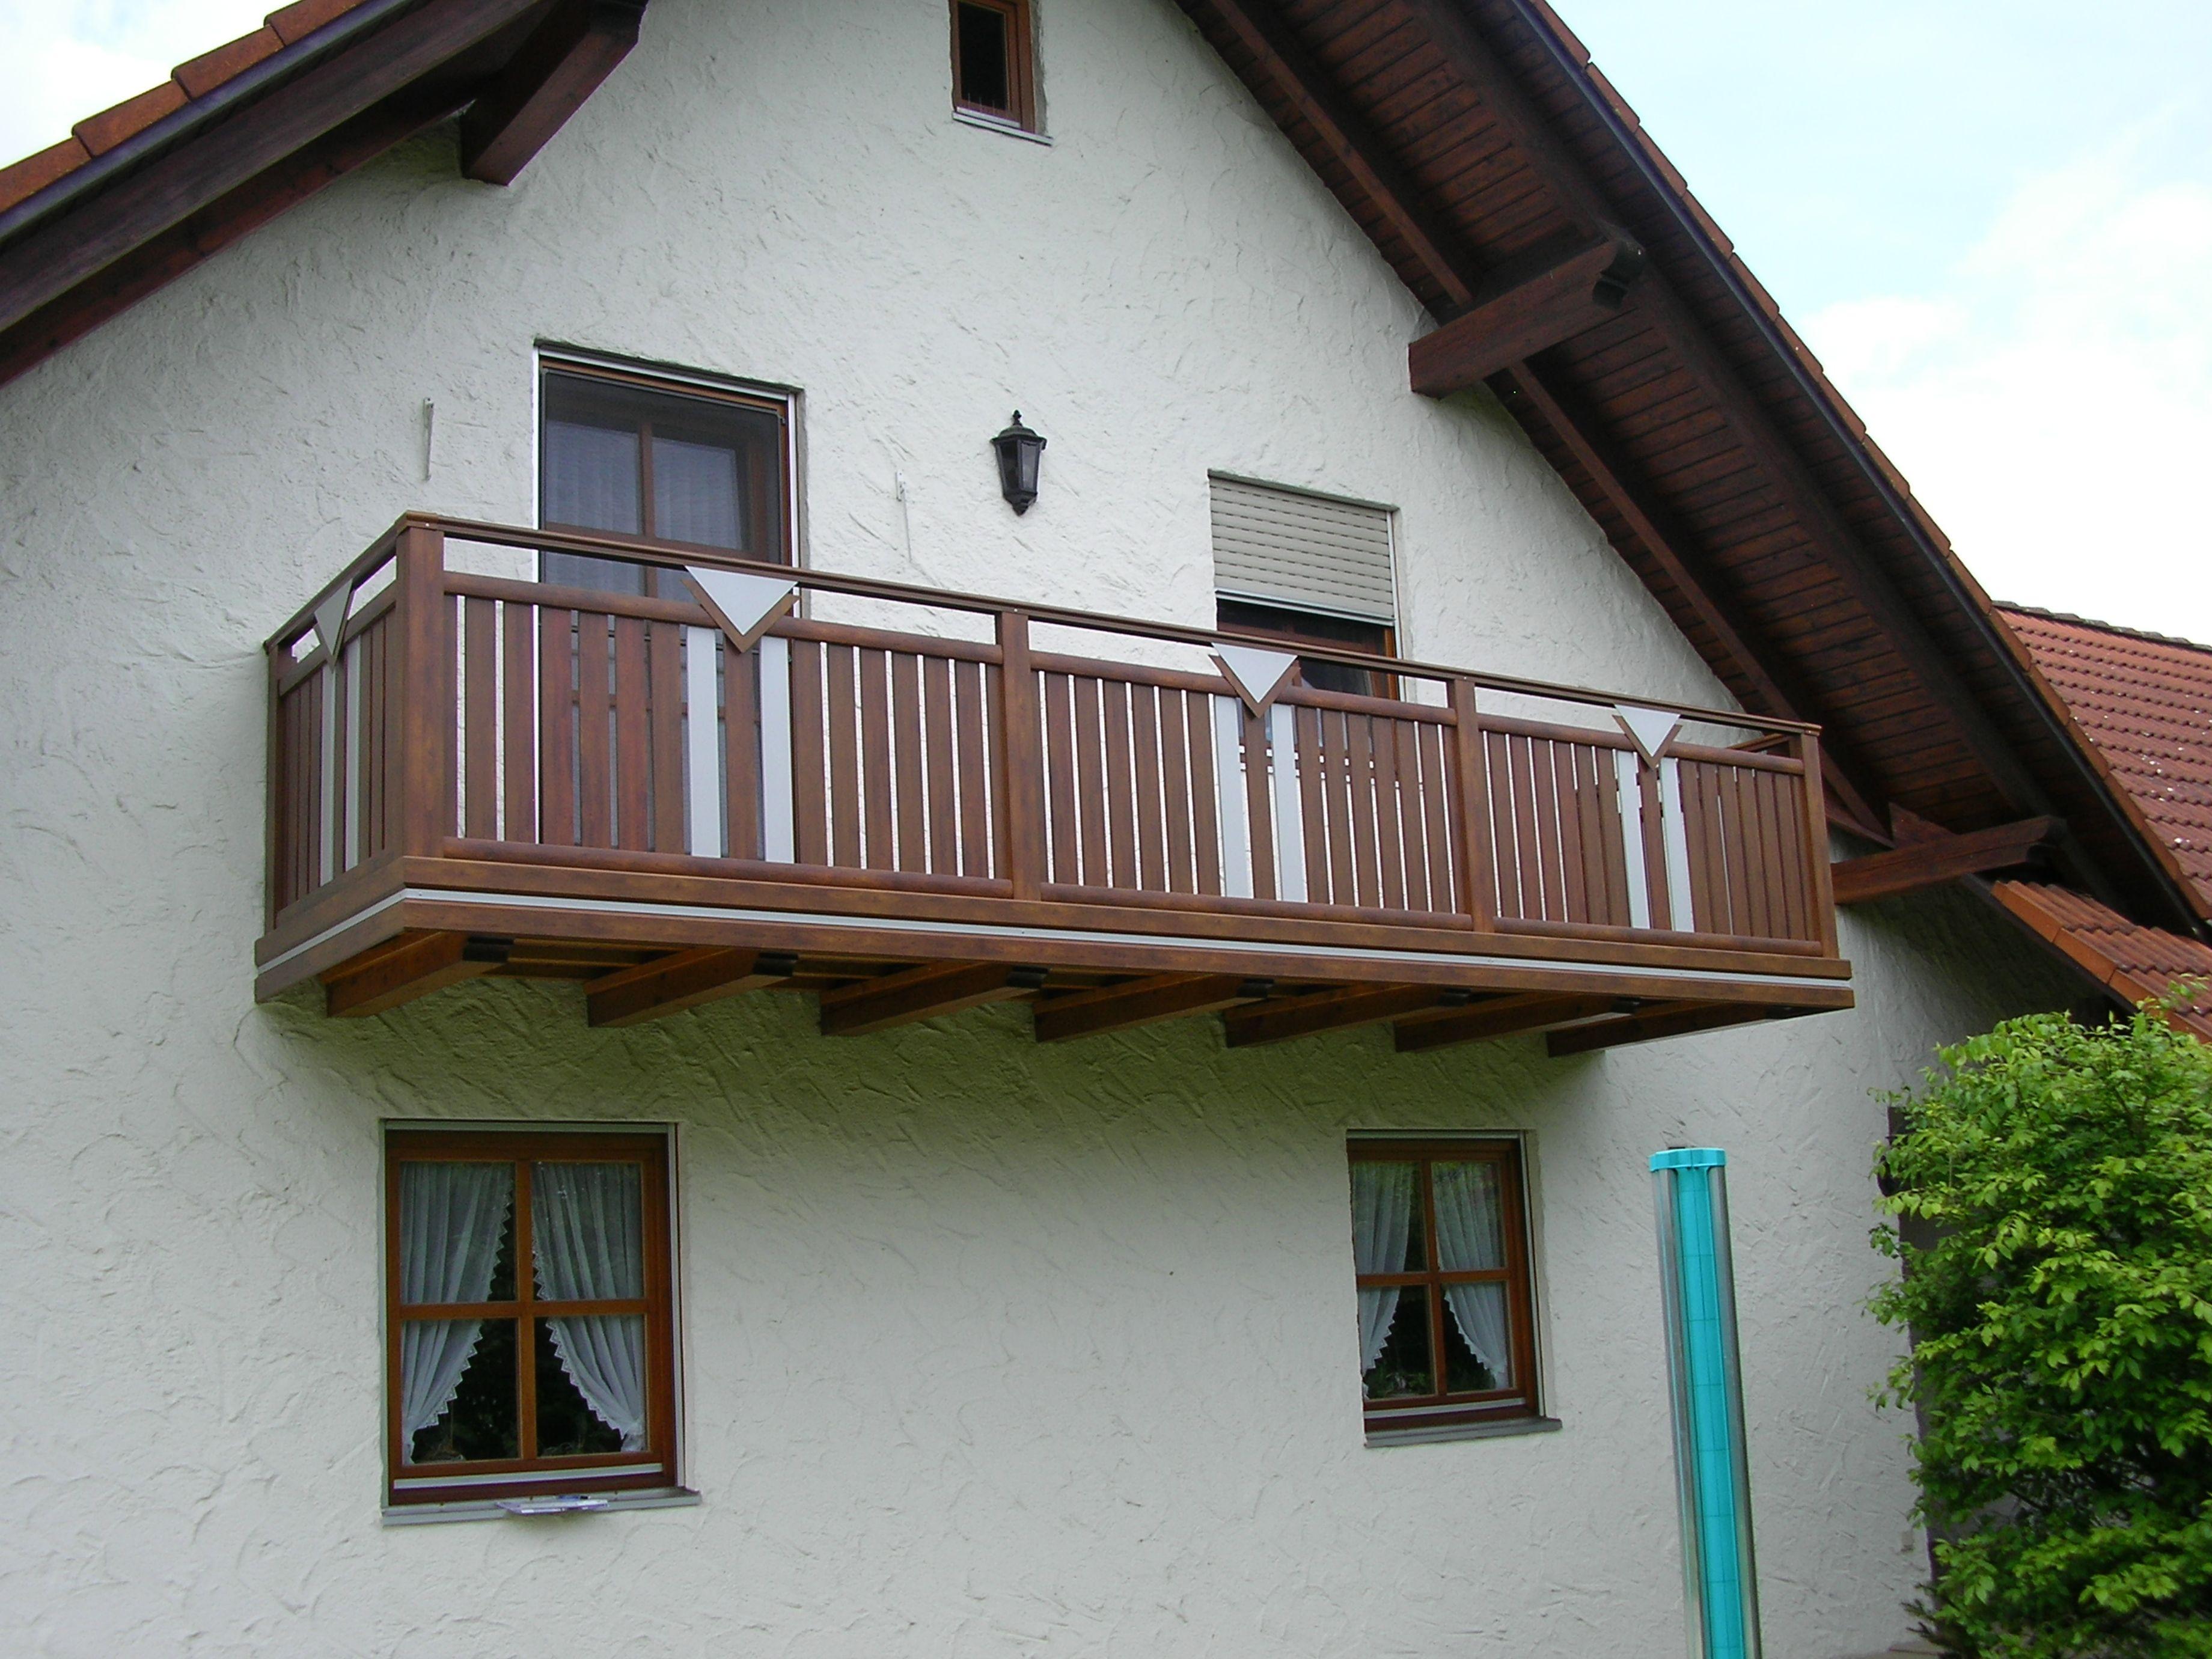 Wandklapptisch Balkon Klapptisch Kuche Selber Bauen Free